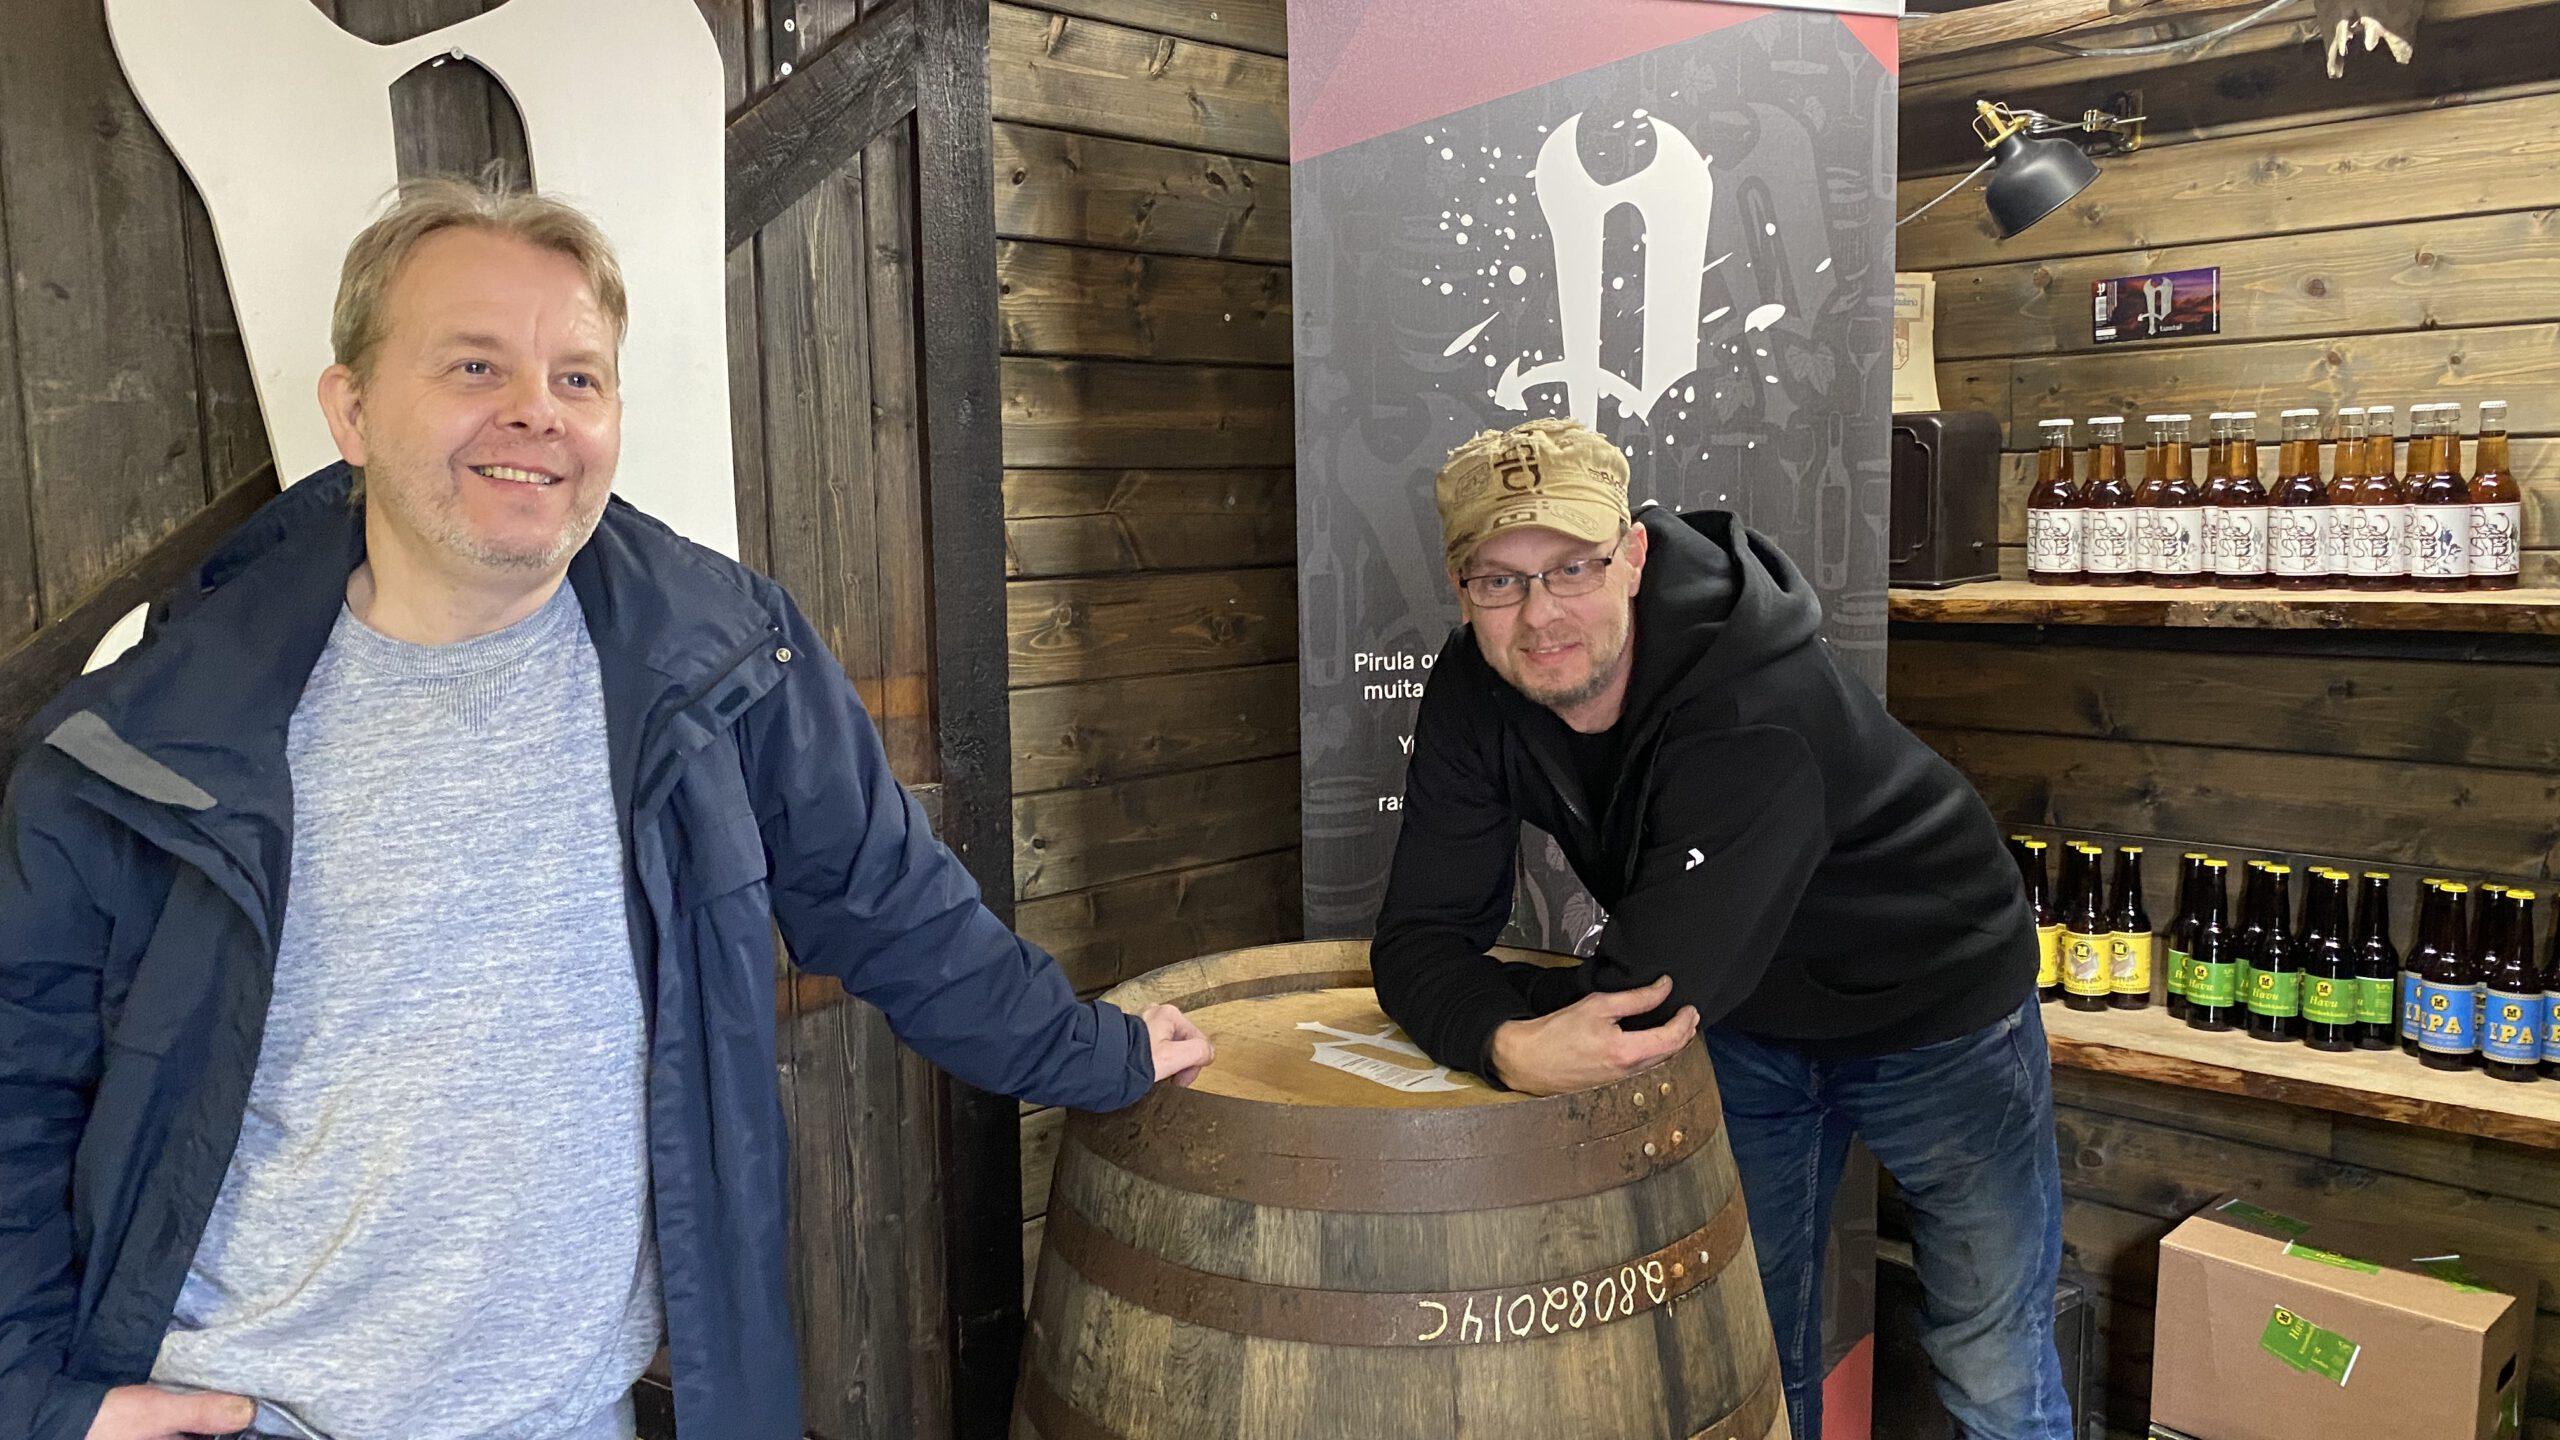 Ylistarolaisen viinitila Pirulan osakeanti avautui – sijoittajat innostuivat